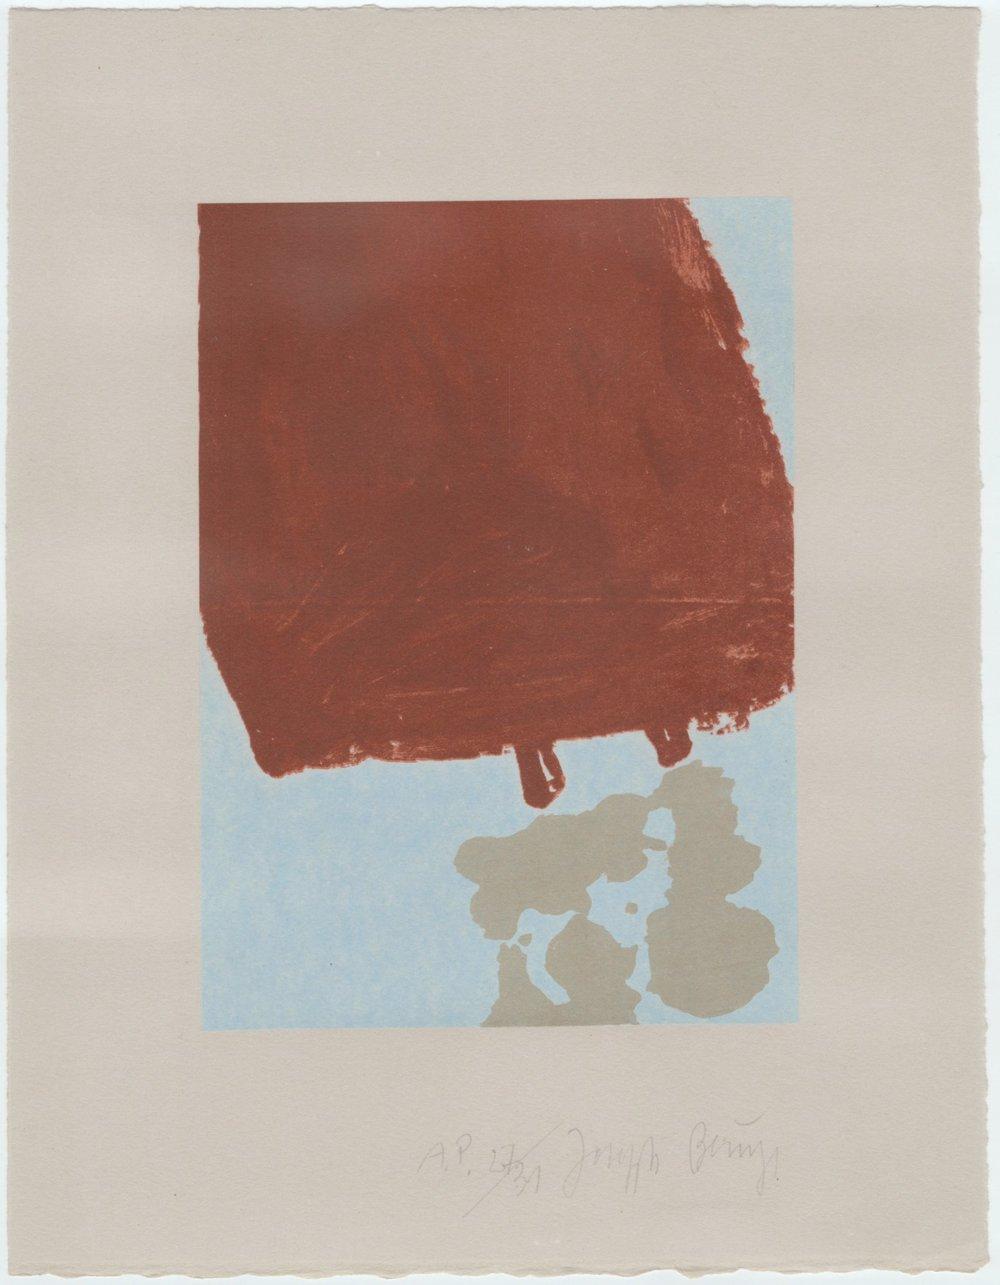 Schwurhand-mit Fett gefüllte Skulptur 34/75 (Normalausgabe, Aquatinta und Lithographie auf Rives gris) 1980